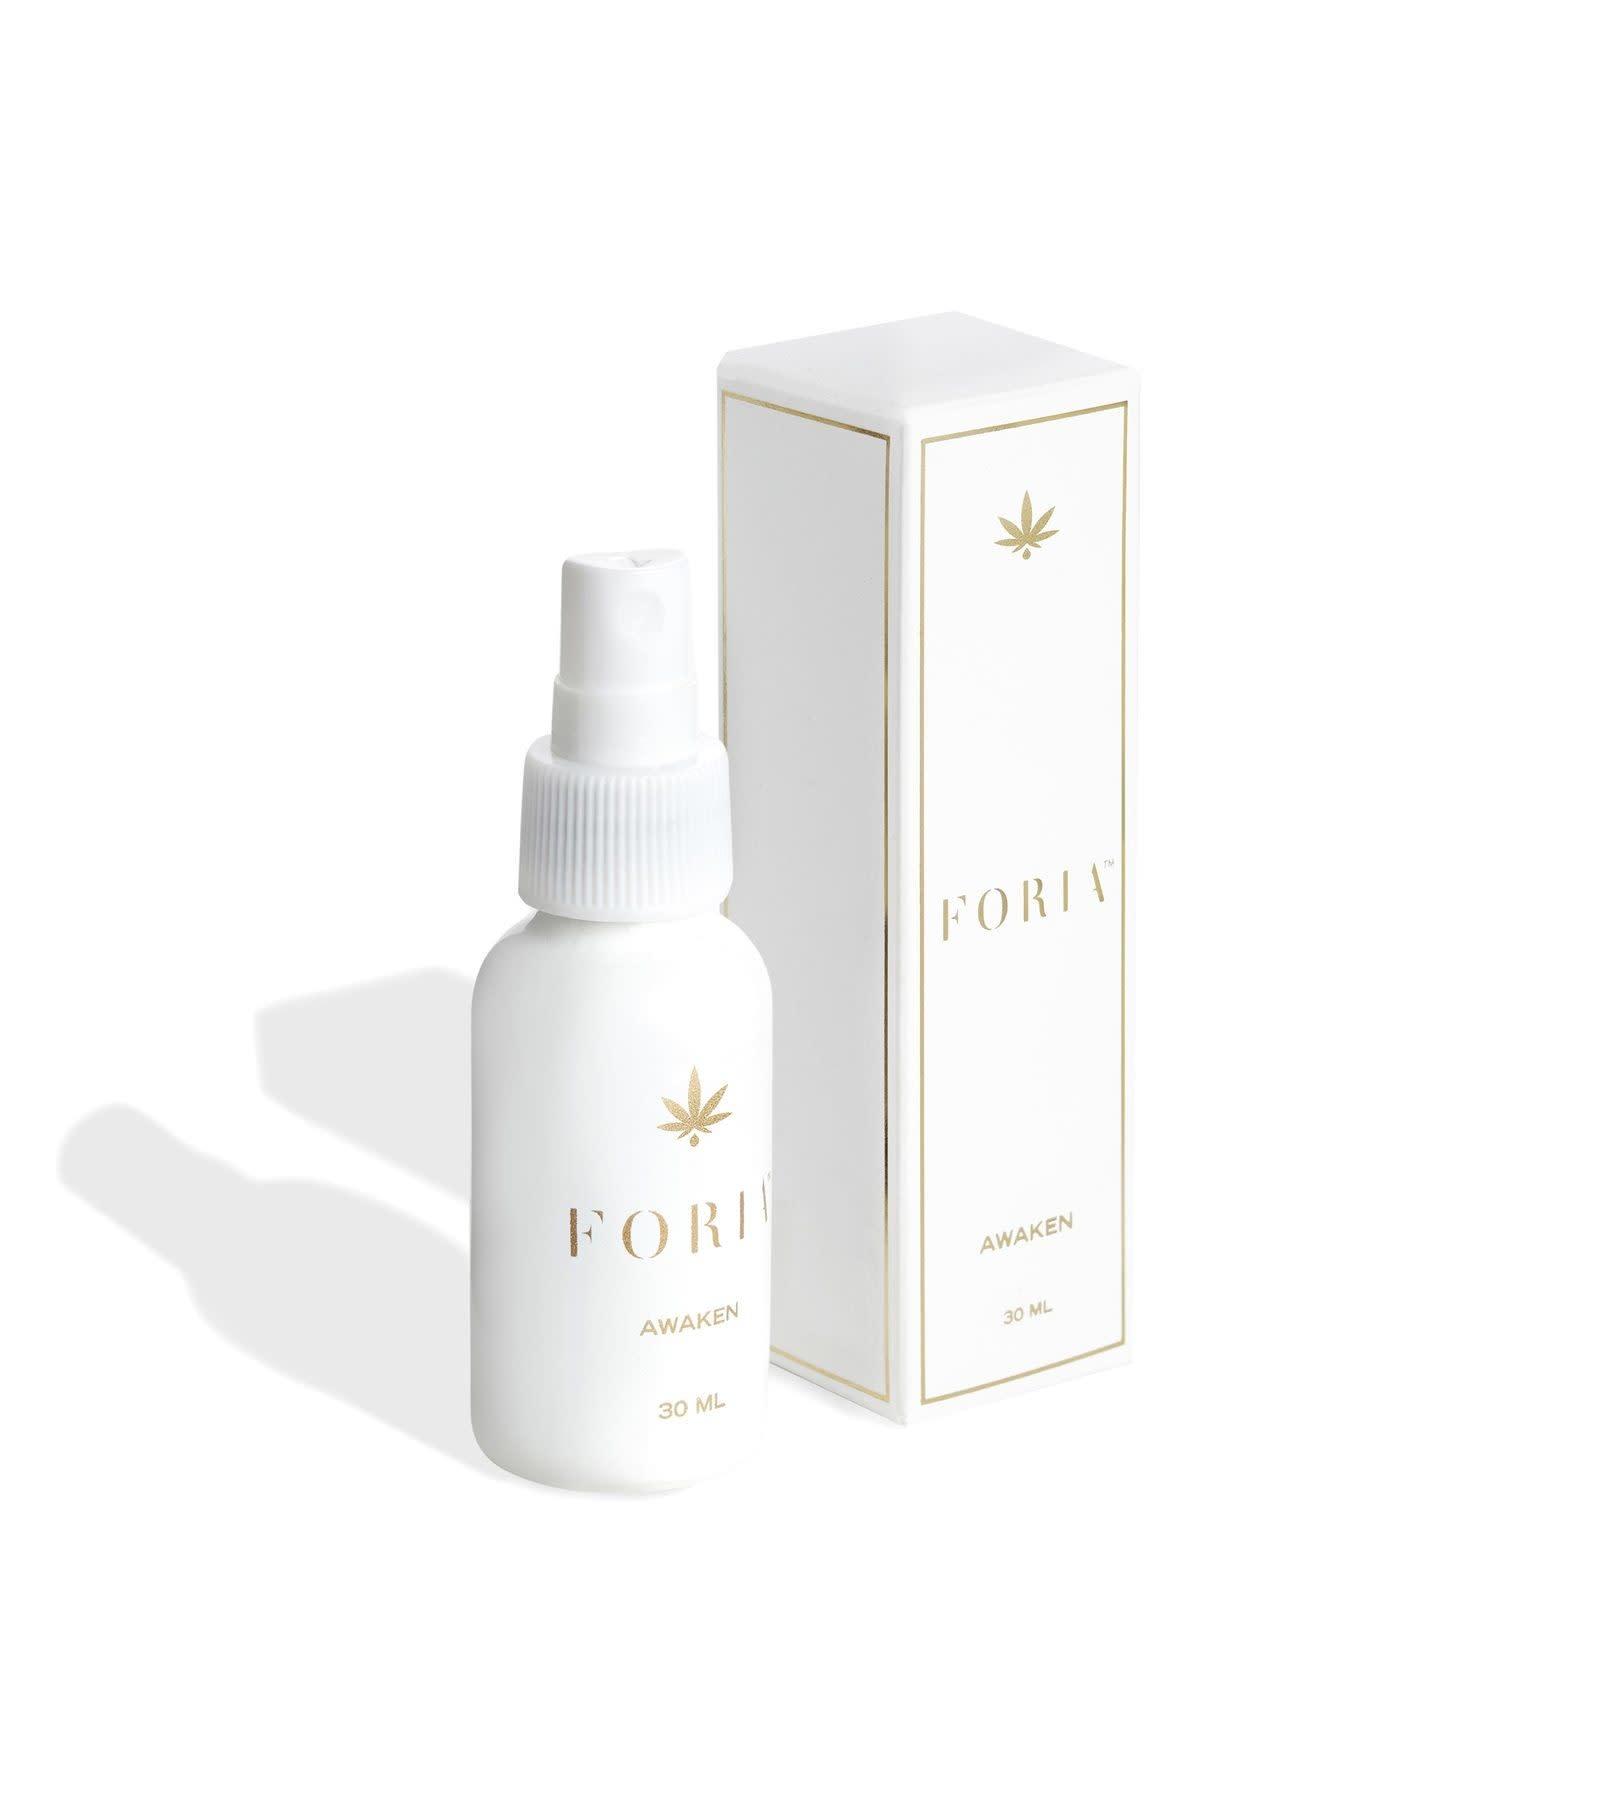 Foria Foria Awaken Intimate Arousal Oil